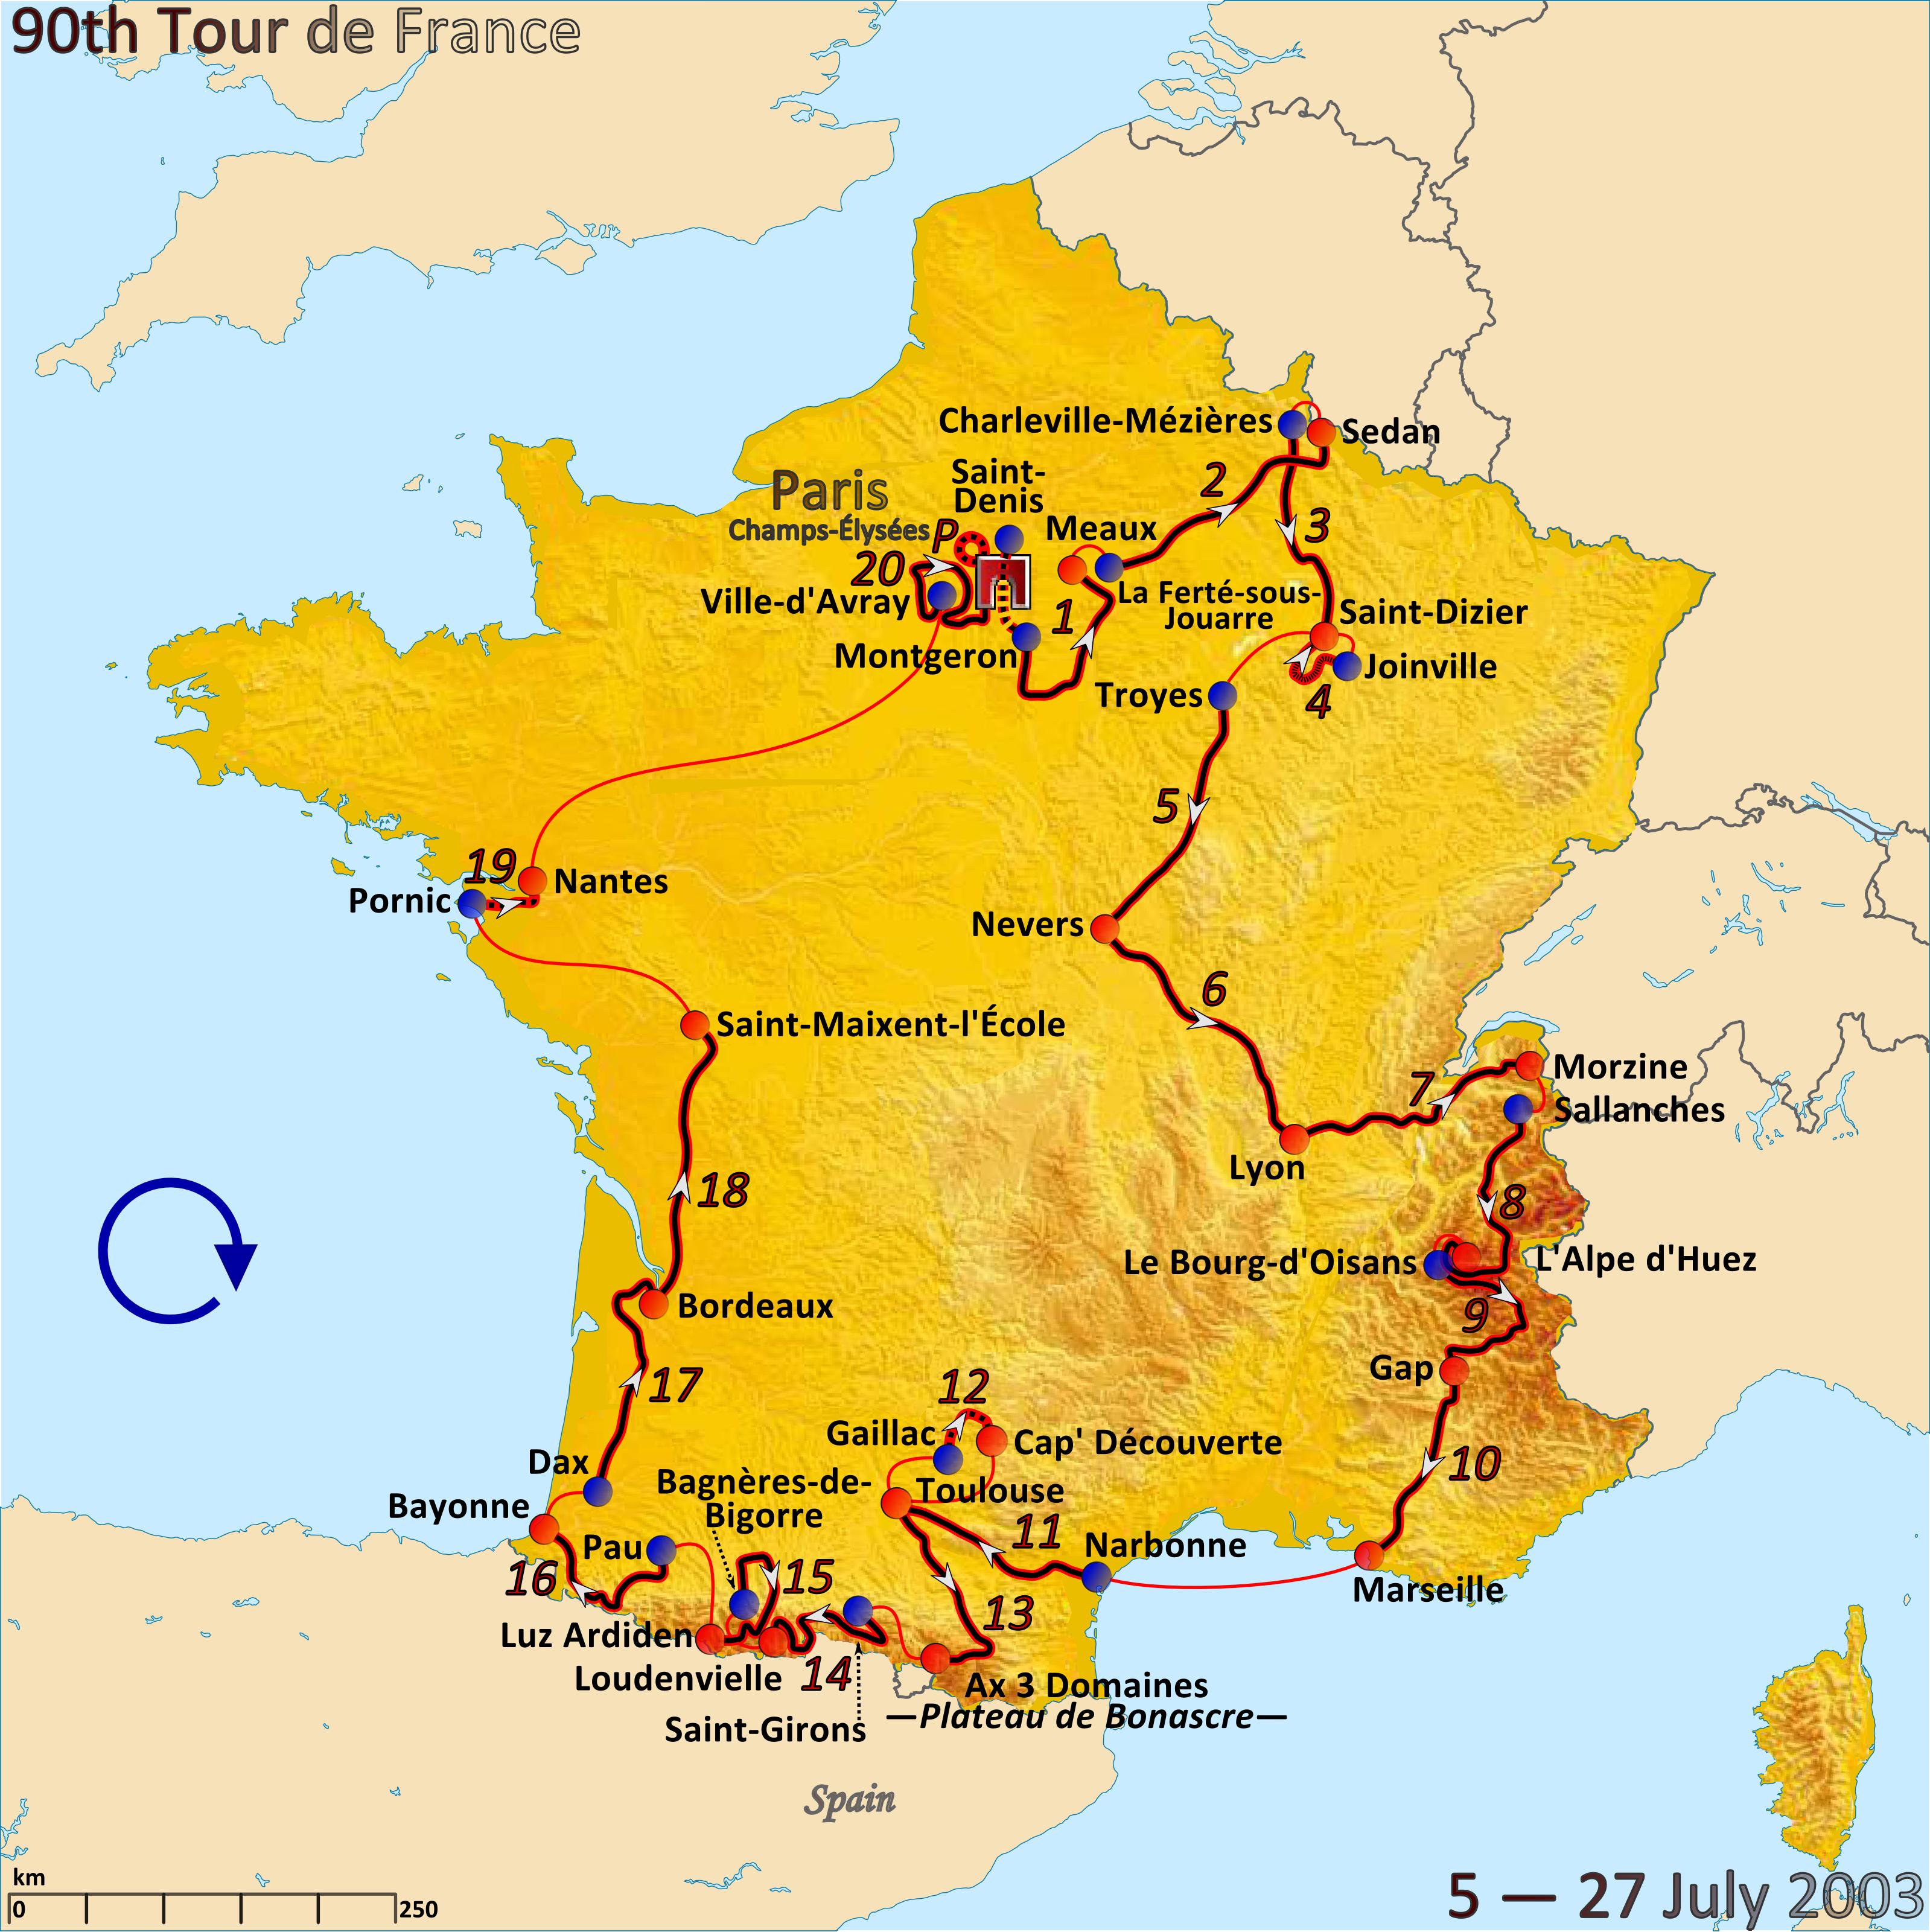 Tour de France 2003 – wolna encyklopedia